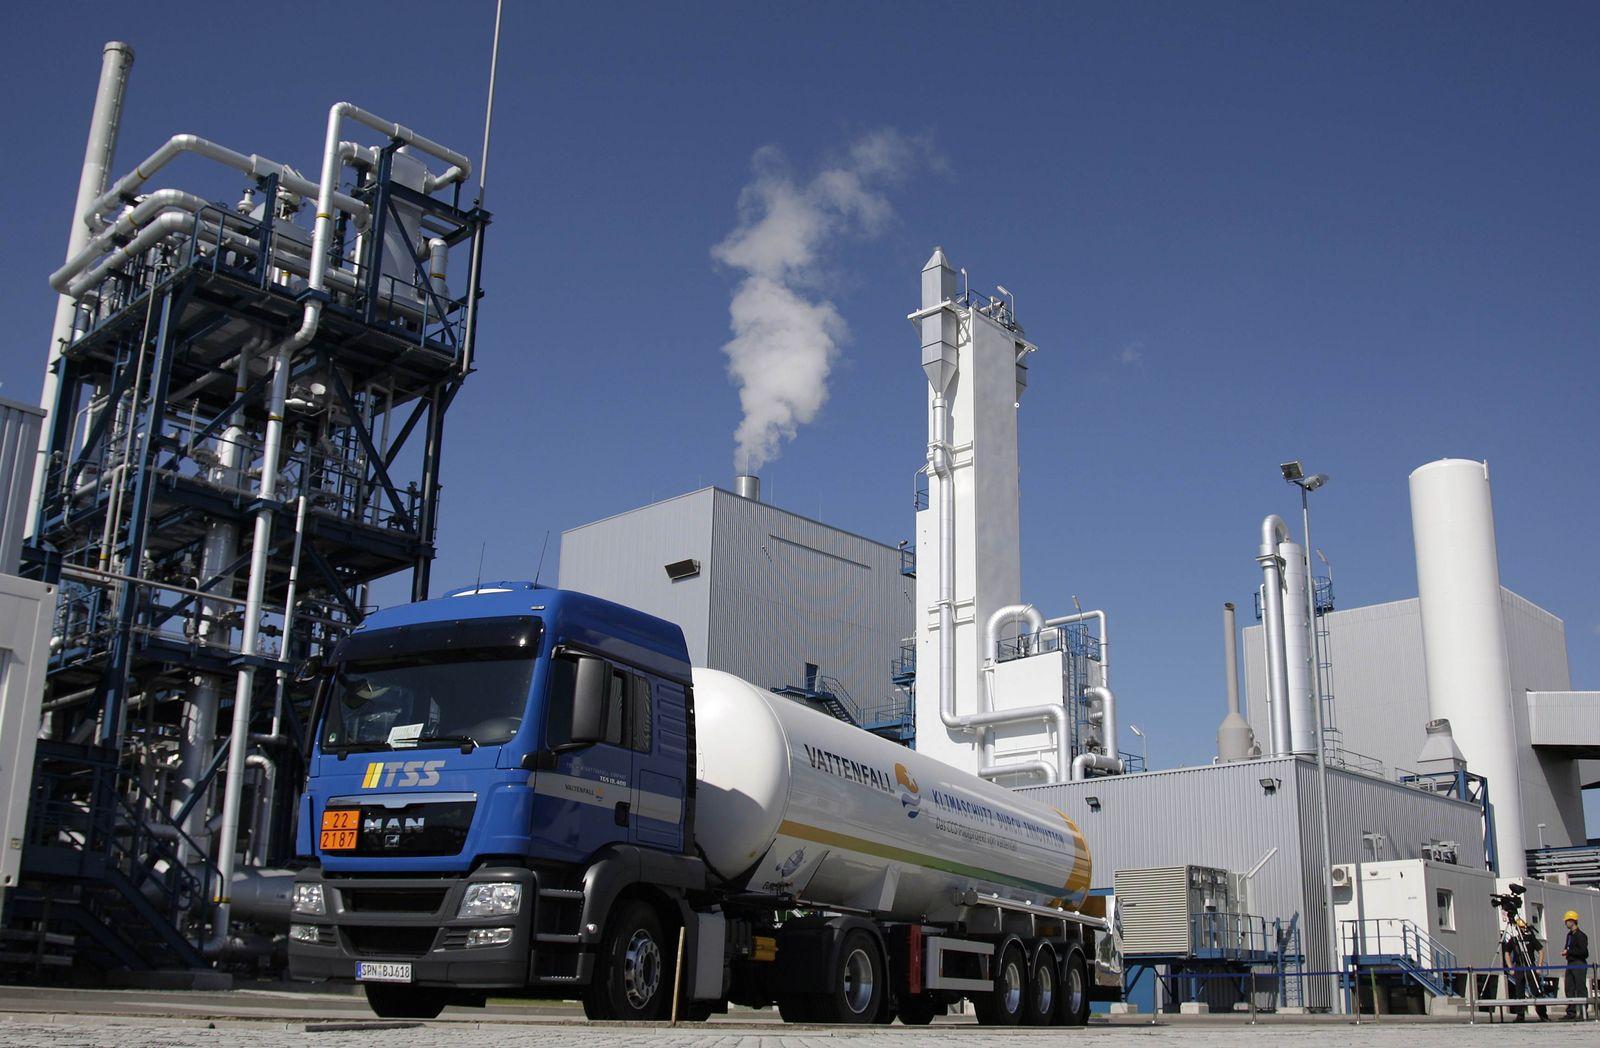 CCS/Vattenfall/Schwarze Pumpe